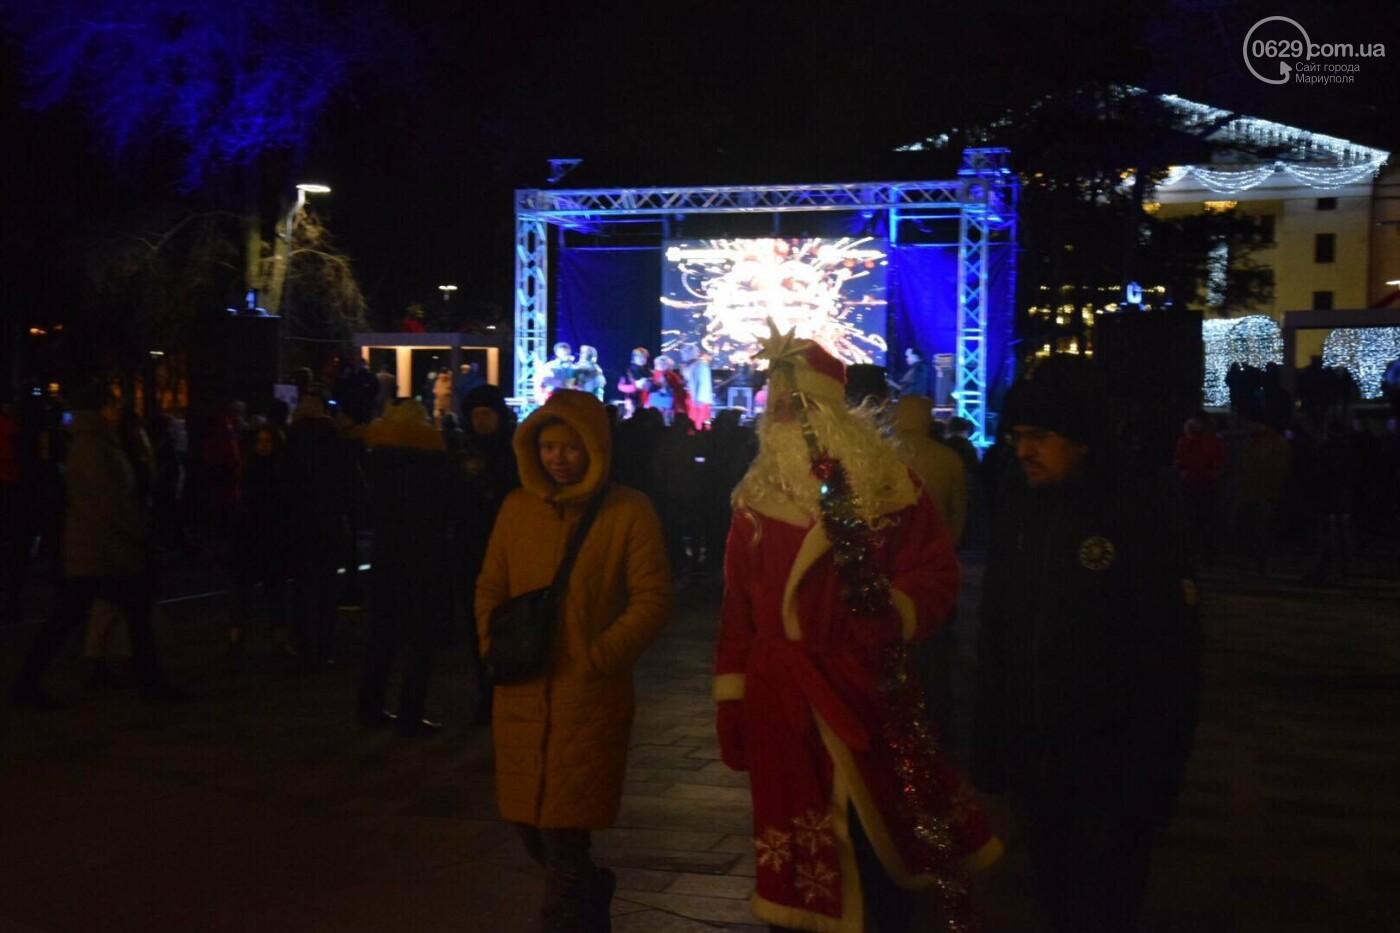 Мариупольцы отметили католическое Рождество, - ФОТО, ВИДЕО, фото-7